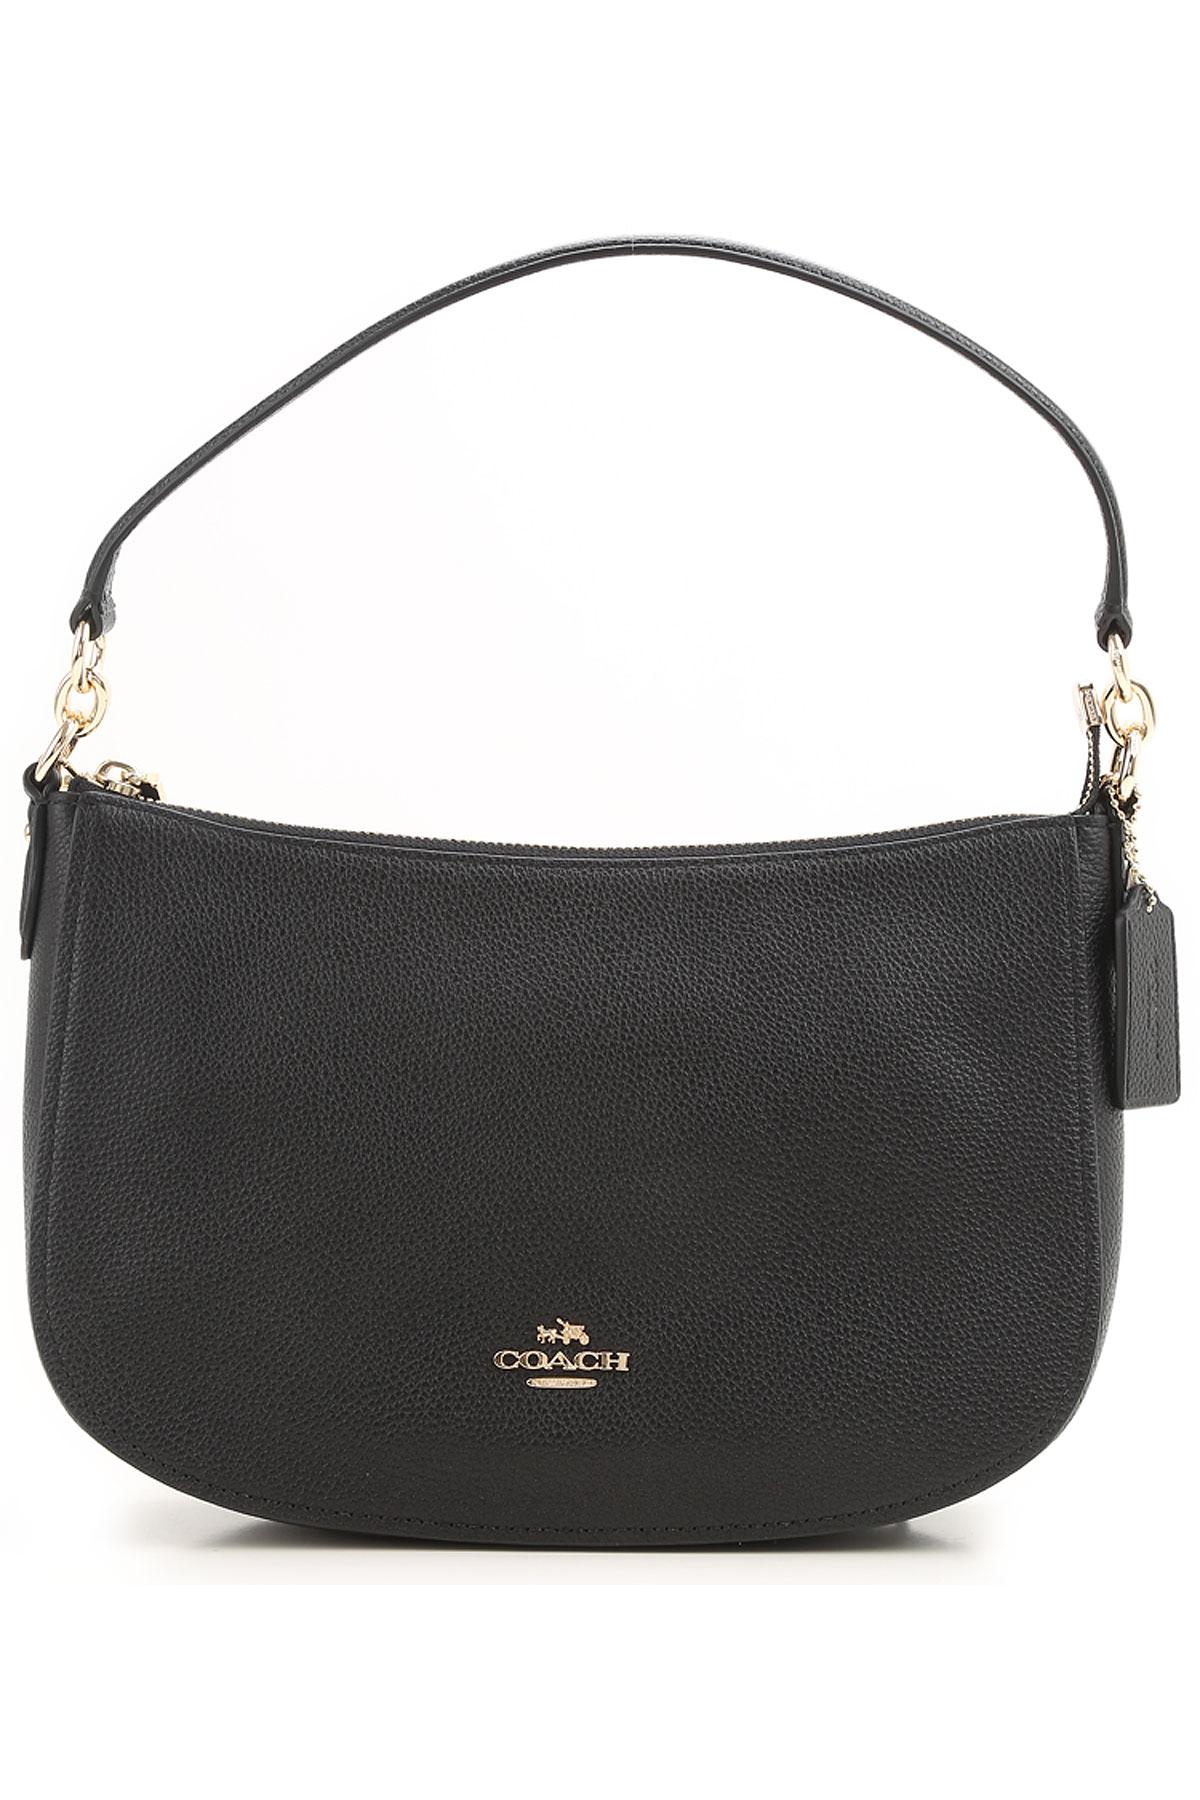 Image of Coach Shoulder Bag for Women, Black, Leather, 2017